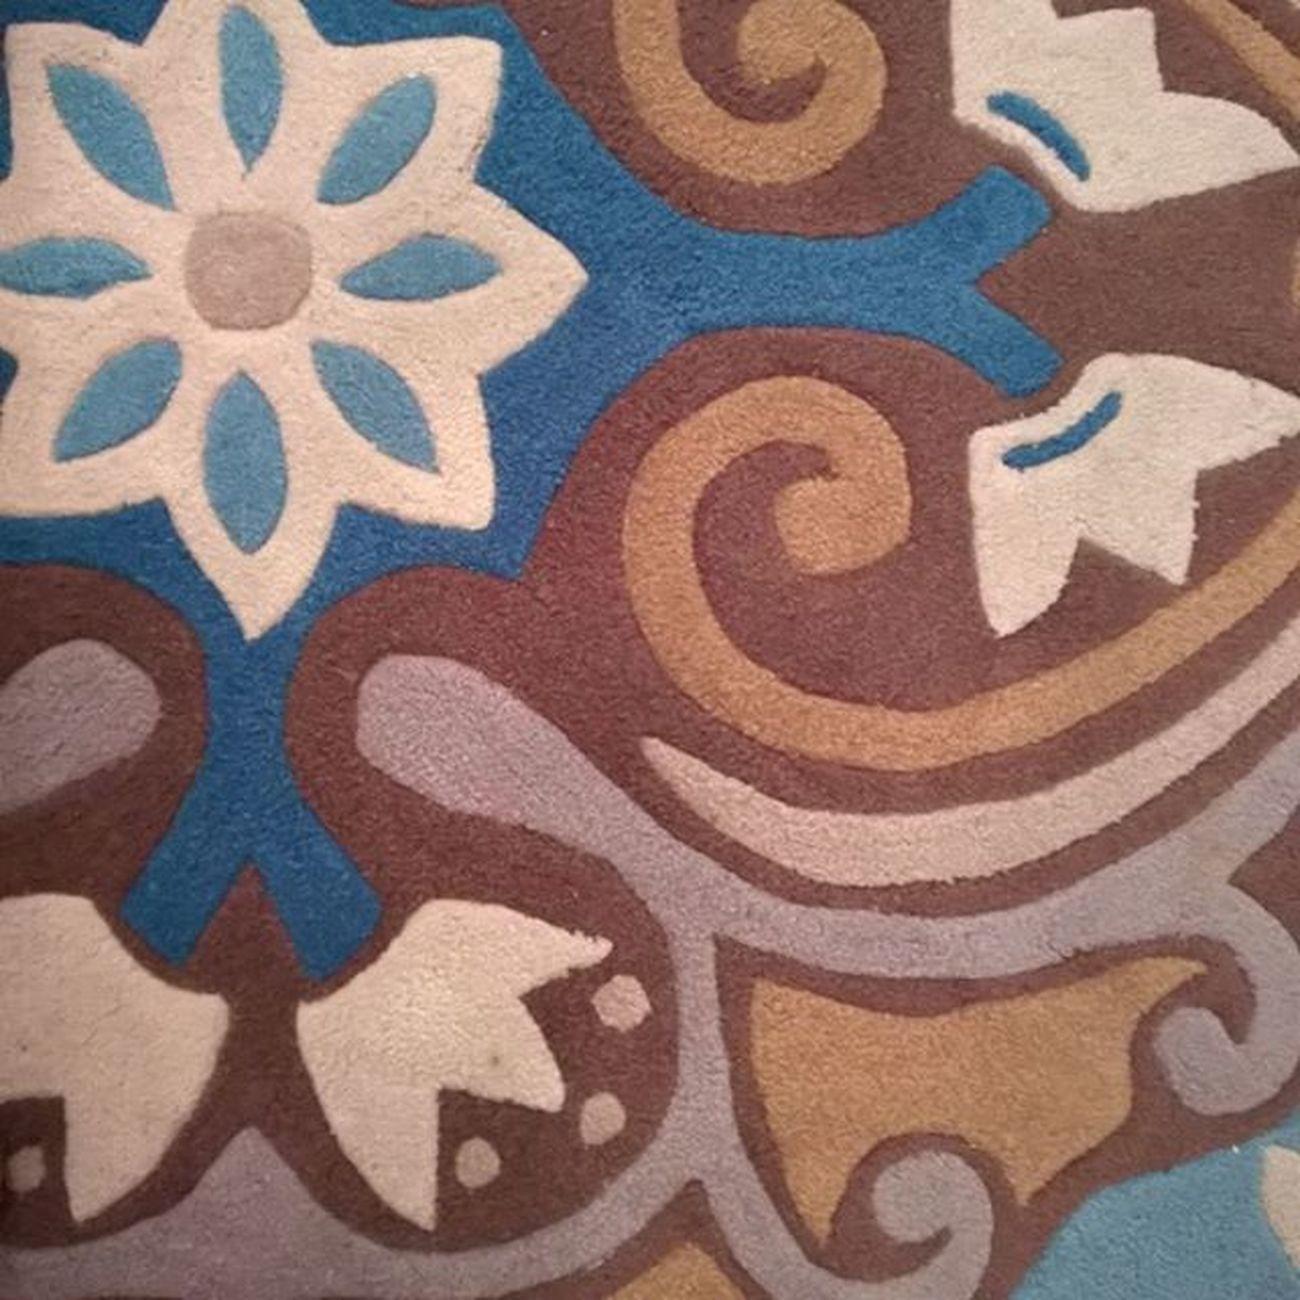 ❤ regram @etxebast Magic Carpet in da room! Je le trouve trop beau! Il est super epais j'adore. Petite pause Vin avant le départ au resto en amoureux. Ouakances Laviedechateau Resto Love